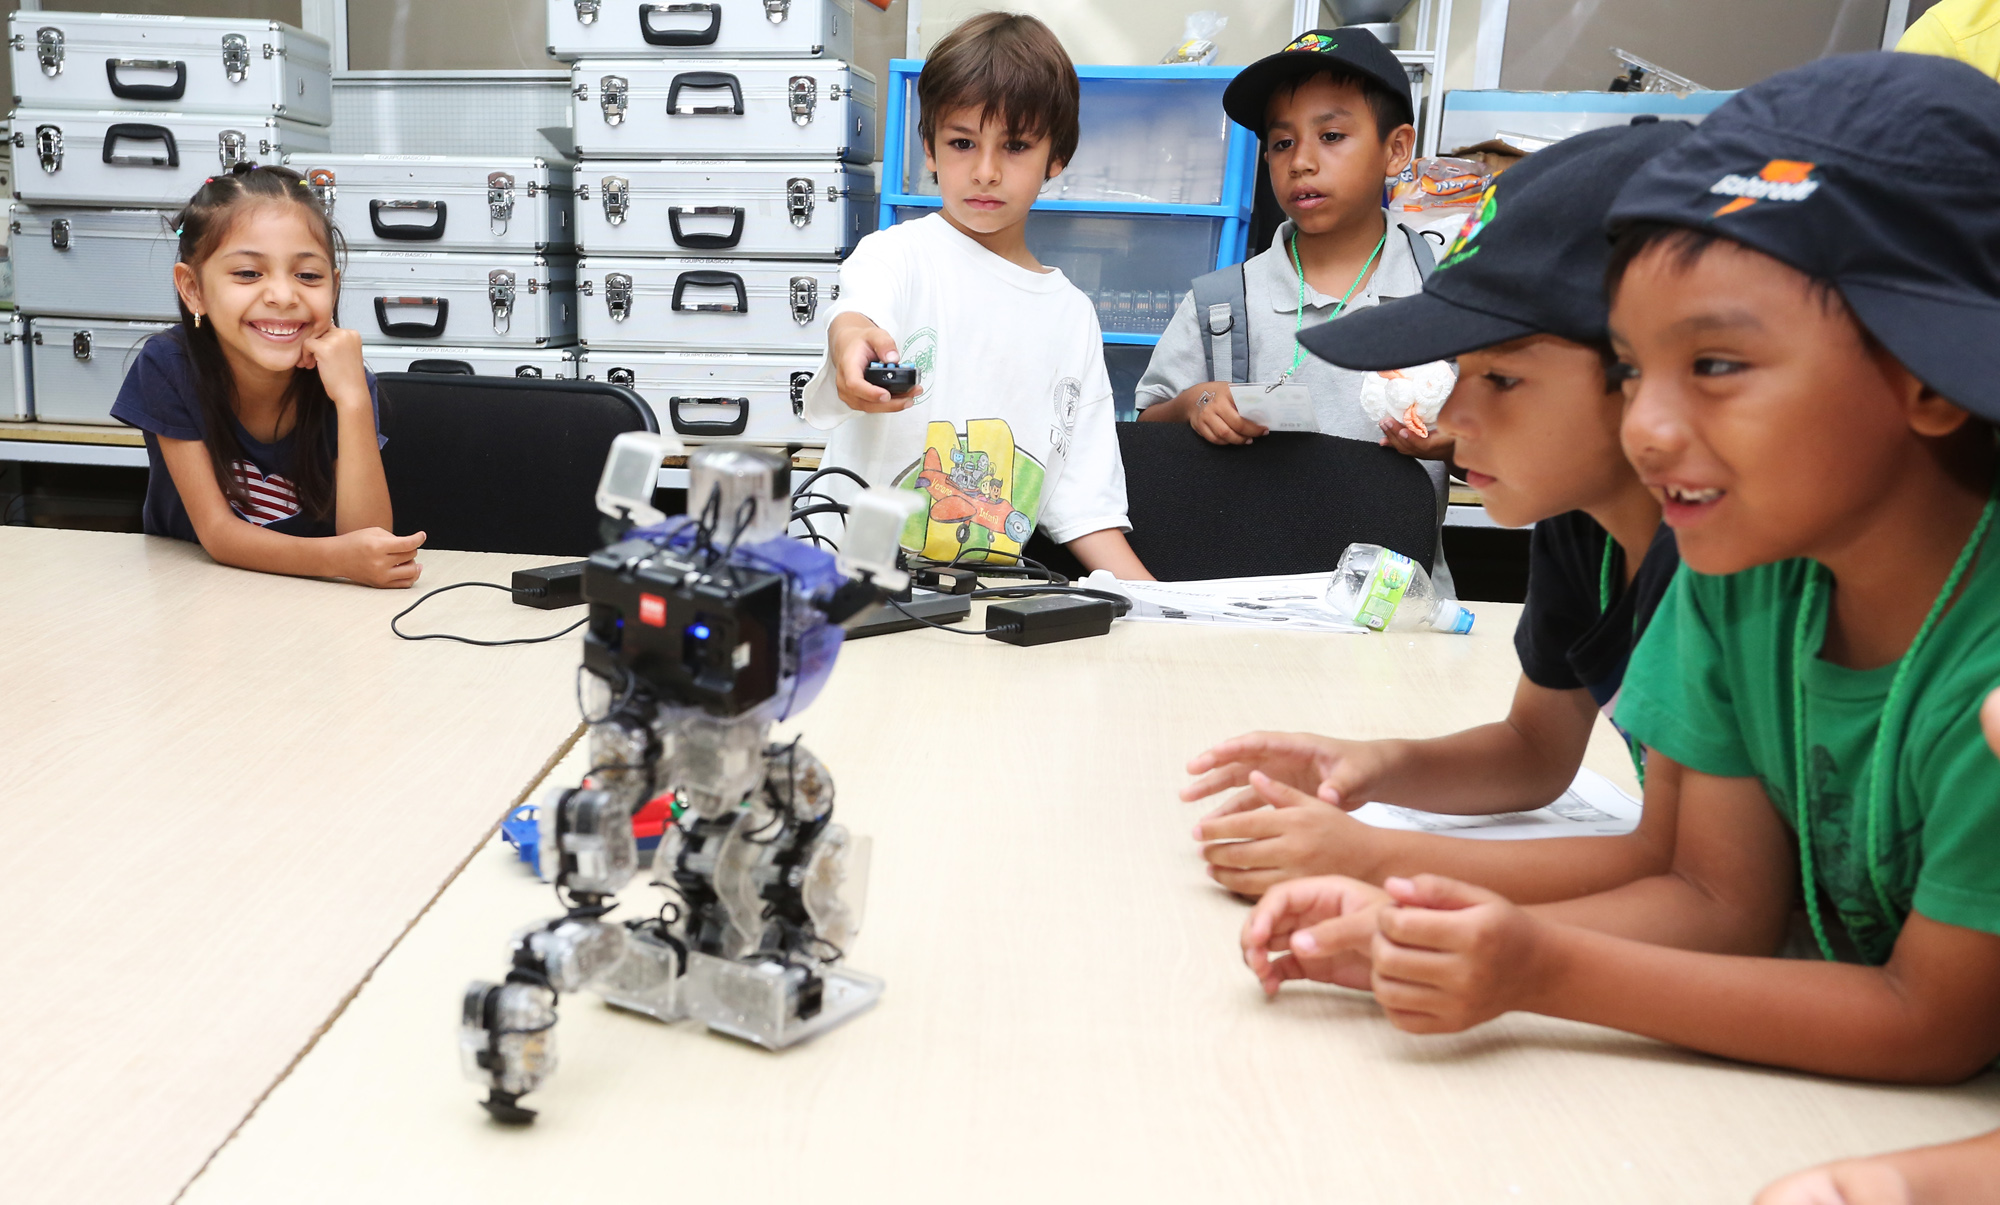 sngular-kids2 Sngular Kids: formando hoy a los desarrolladores del mañana